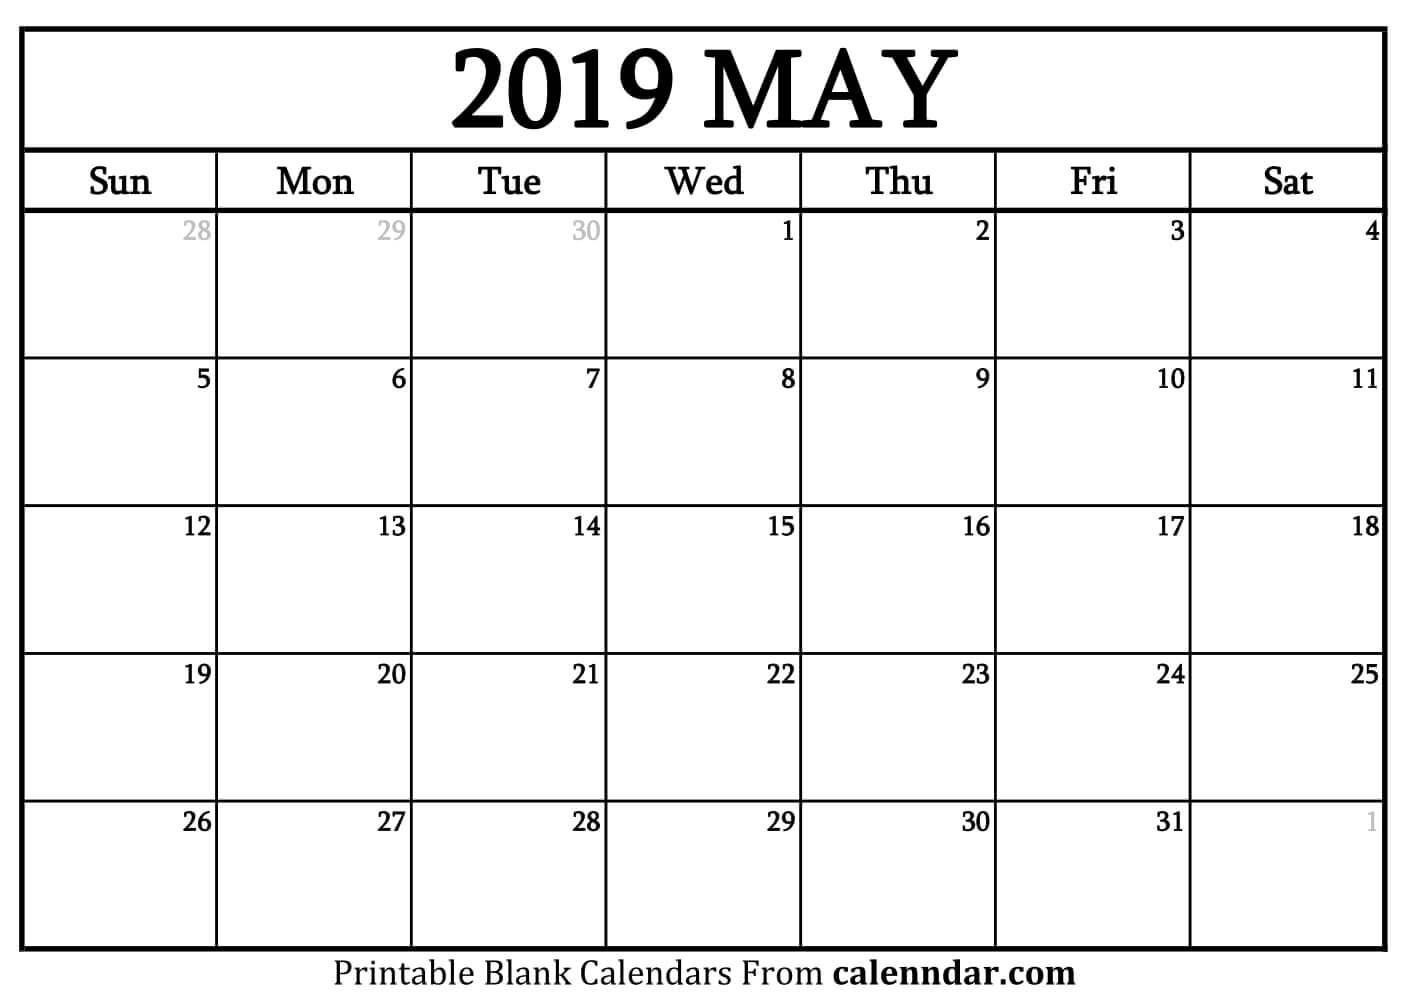 May 2019 Calendar Printable Template Blank Word Pdf Excel